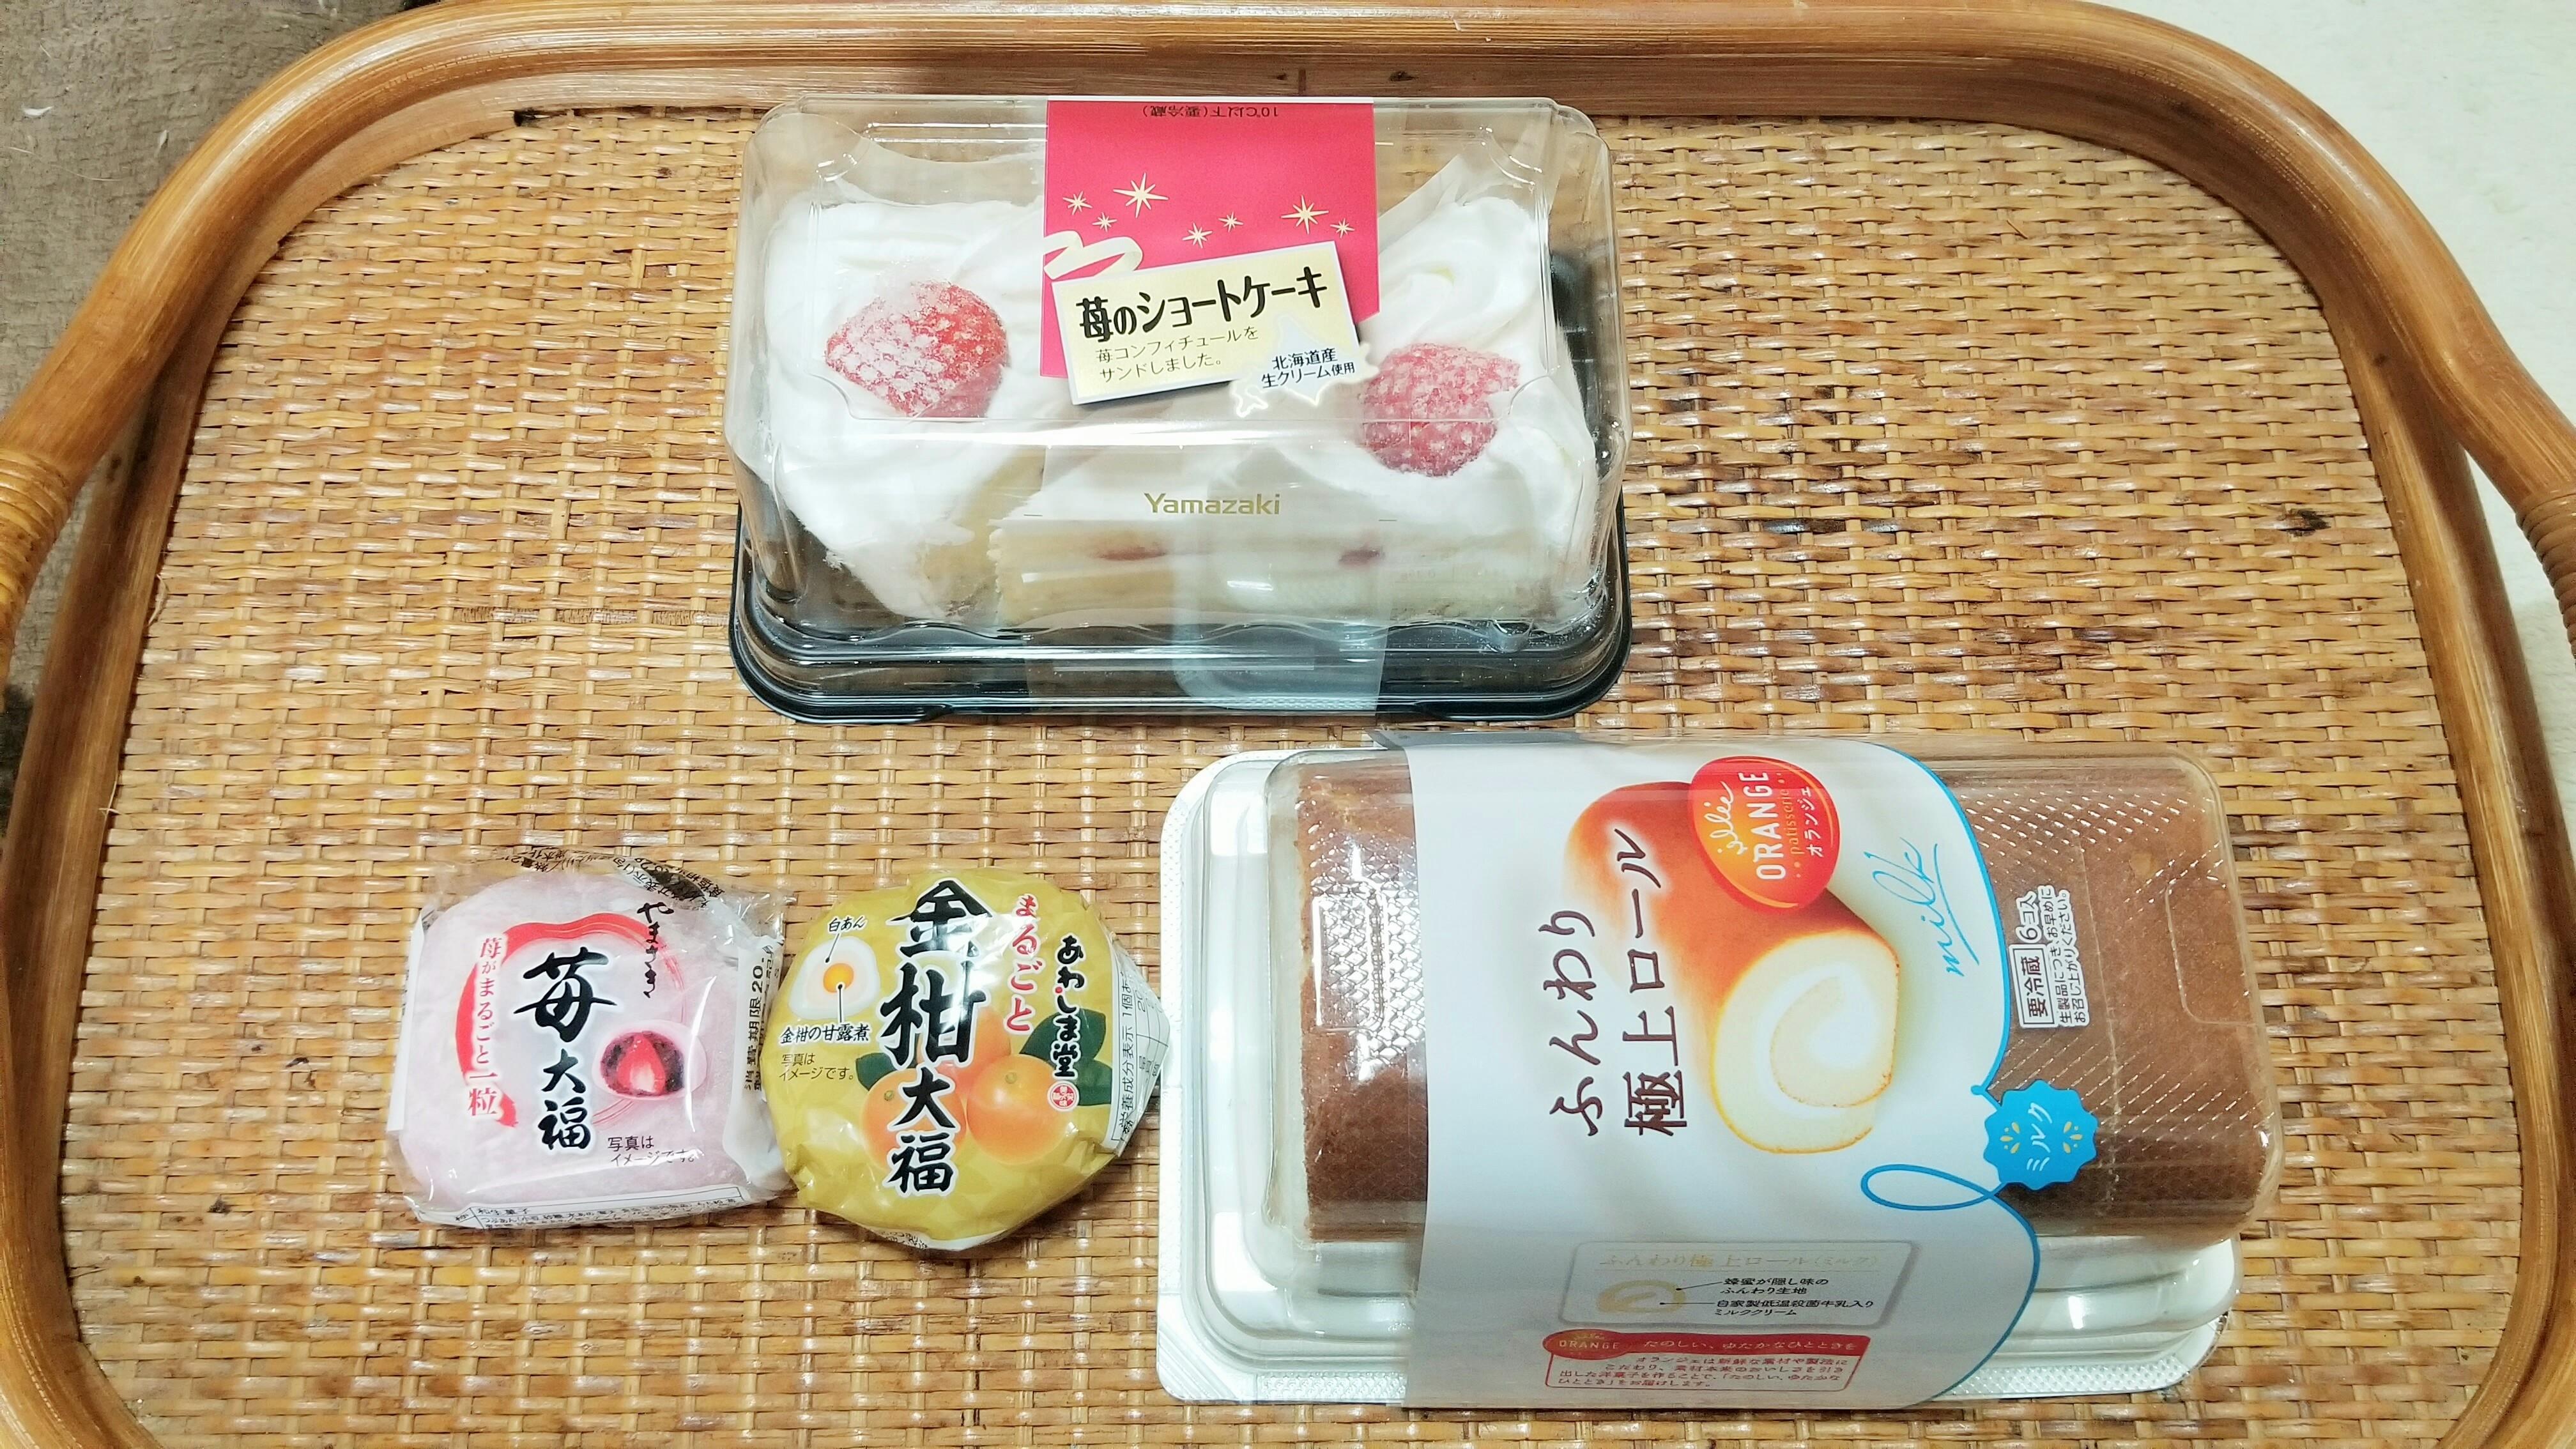 ふんわり極上ロールケーキいちご大福餅おいしいスイーツ人気うまい